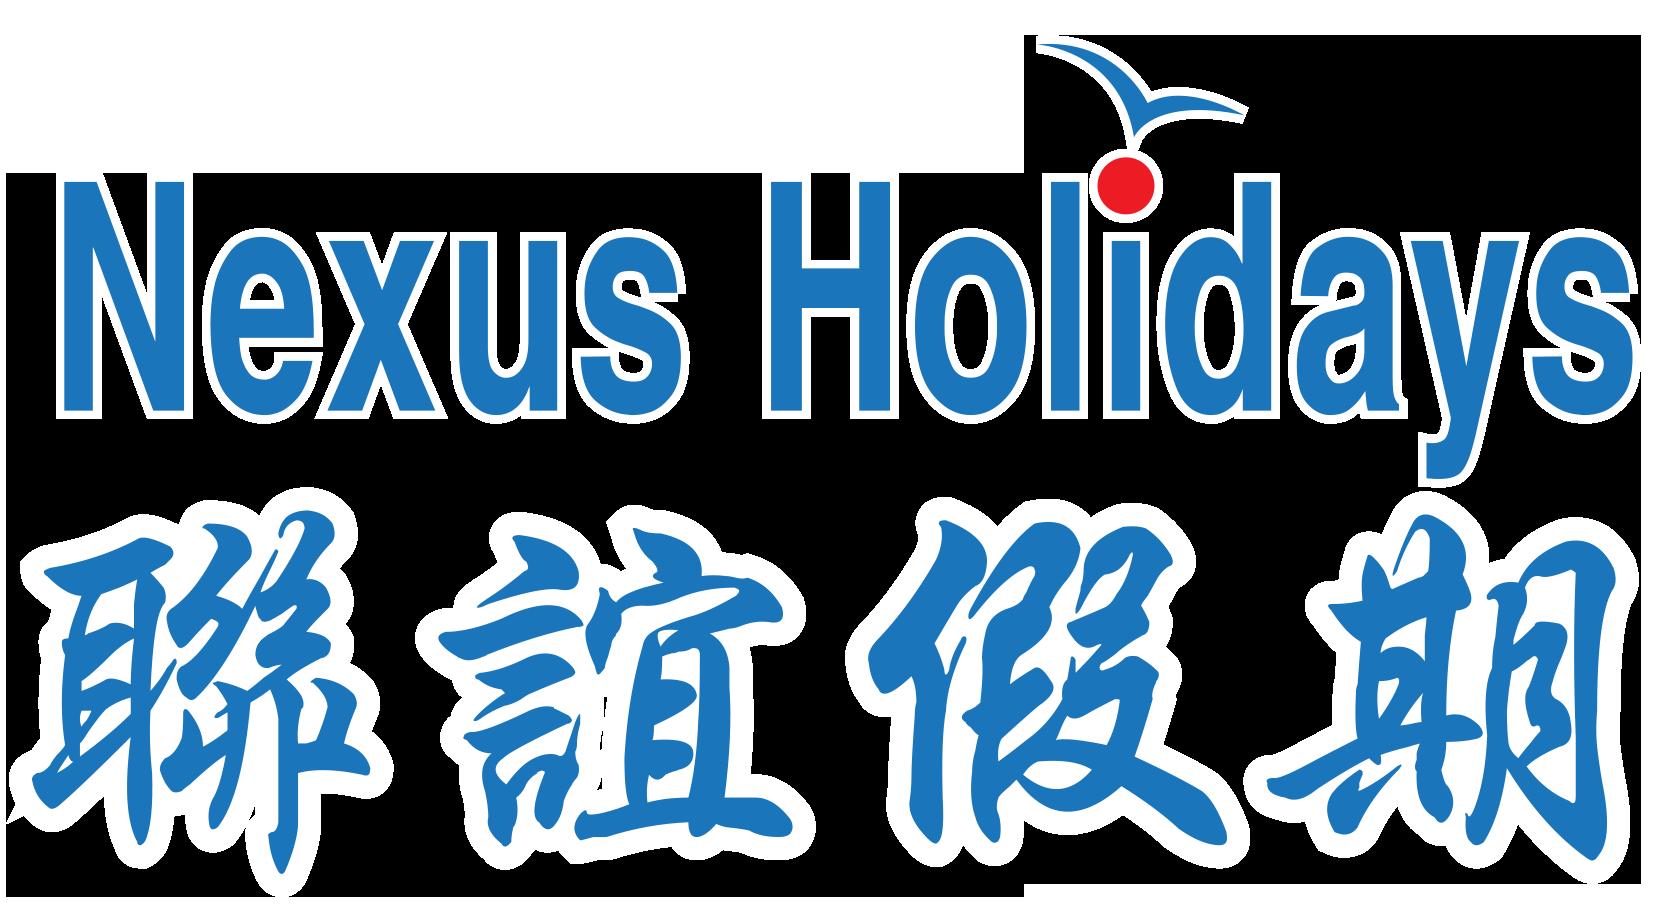 北美中旅-联谊假期 Nexus Holidays 招聘